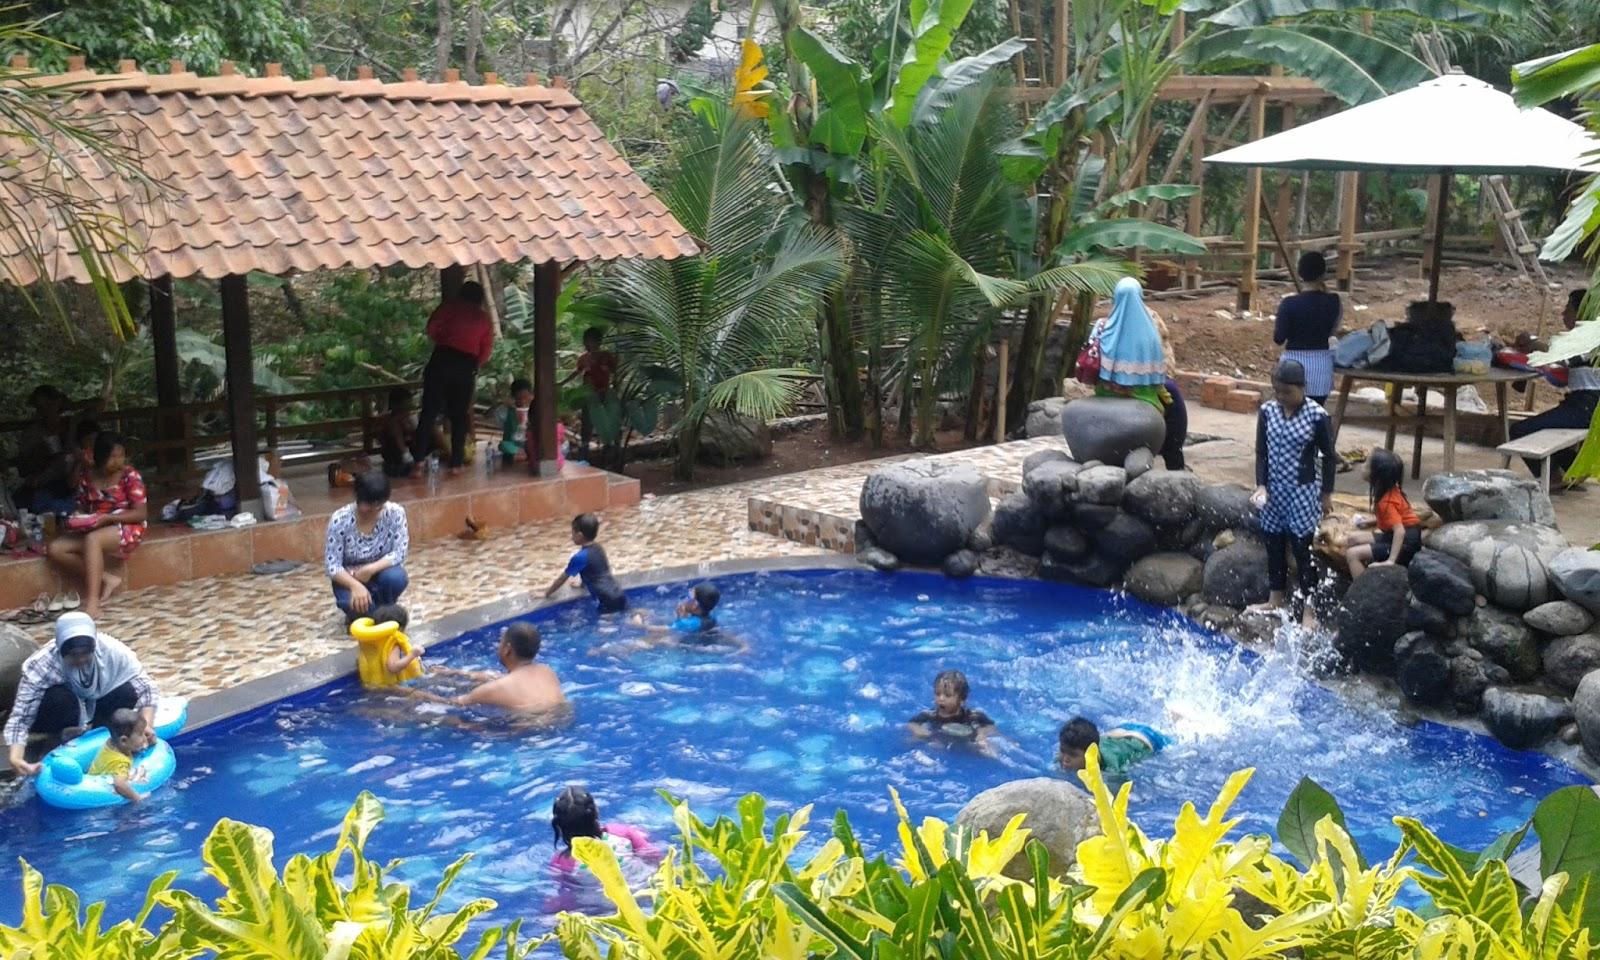 Watu Gunung Danau Buatan Miliki Bangunan Kuno Semarang Tempat Bisa